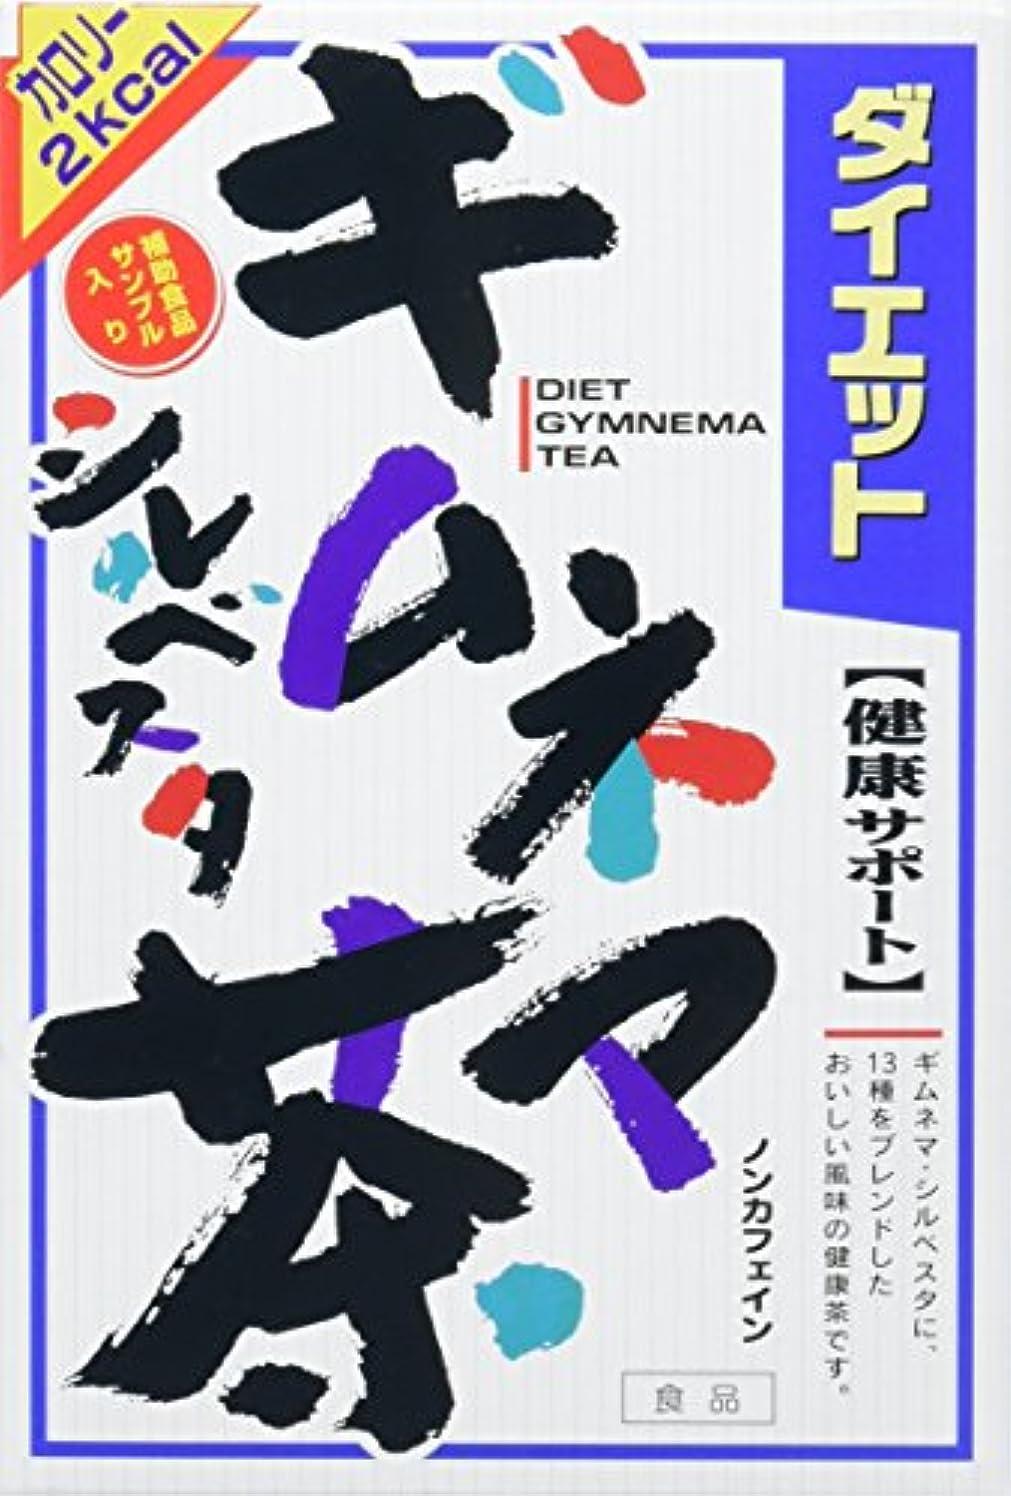 コモランマ冷える幹山本漢方製薬 ダイエットギムネマ茶980 8gX24H